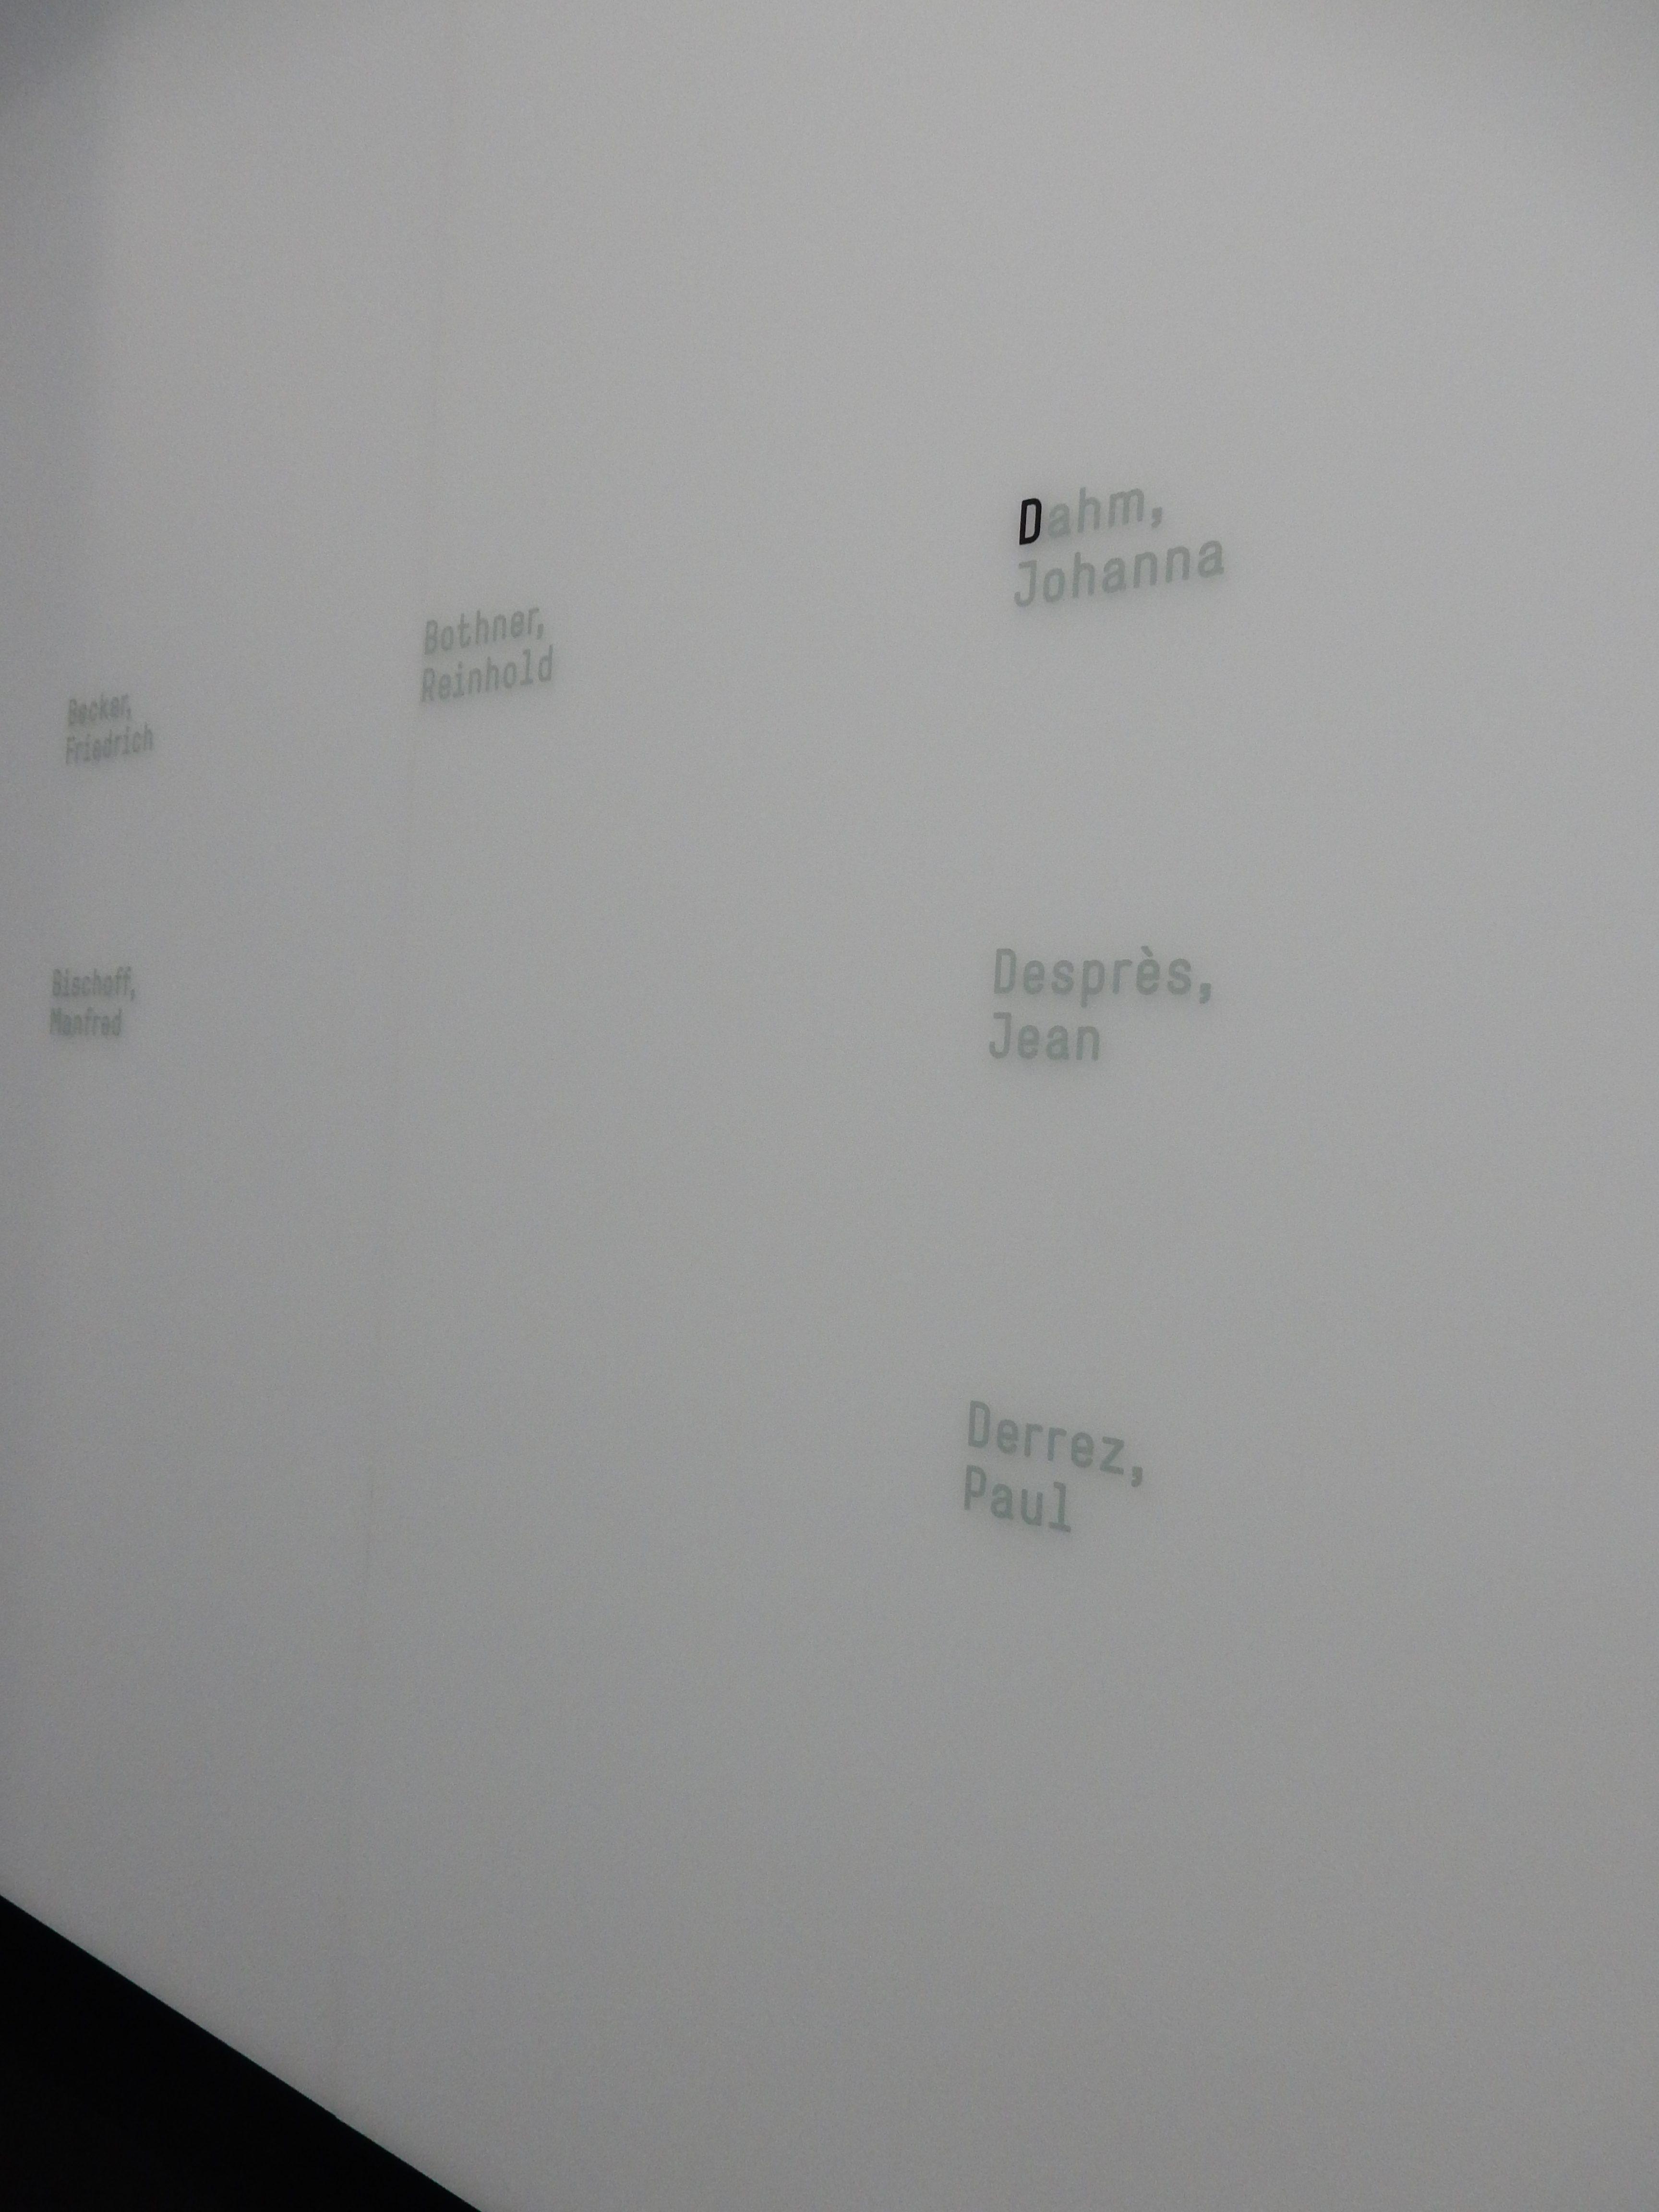 Schmuckmuseum Pforzheim, Wand met namen van sieraadontwerpers, 11 mei 2019. Foto Coert Peter Krabbe, interieur, Johanna Dahm, Jean Desprès, Paul Derrez